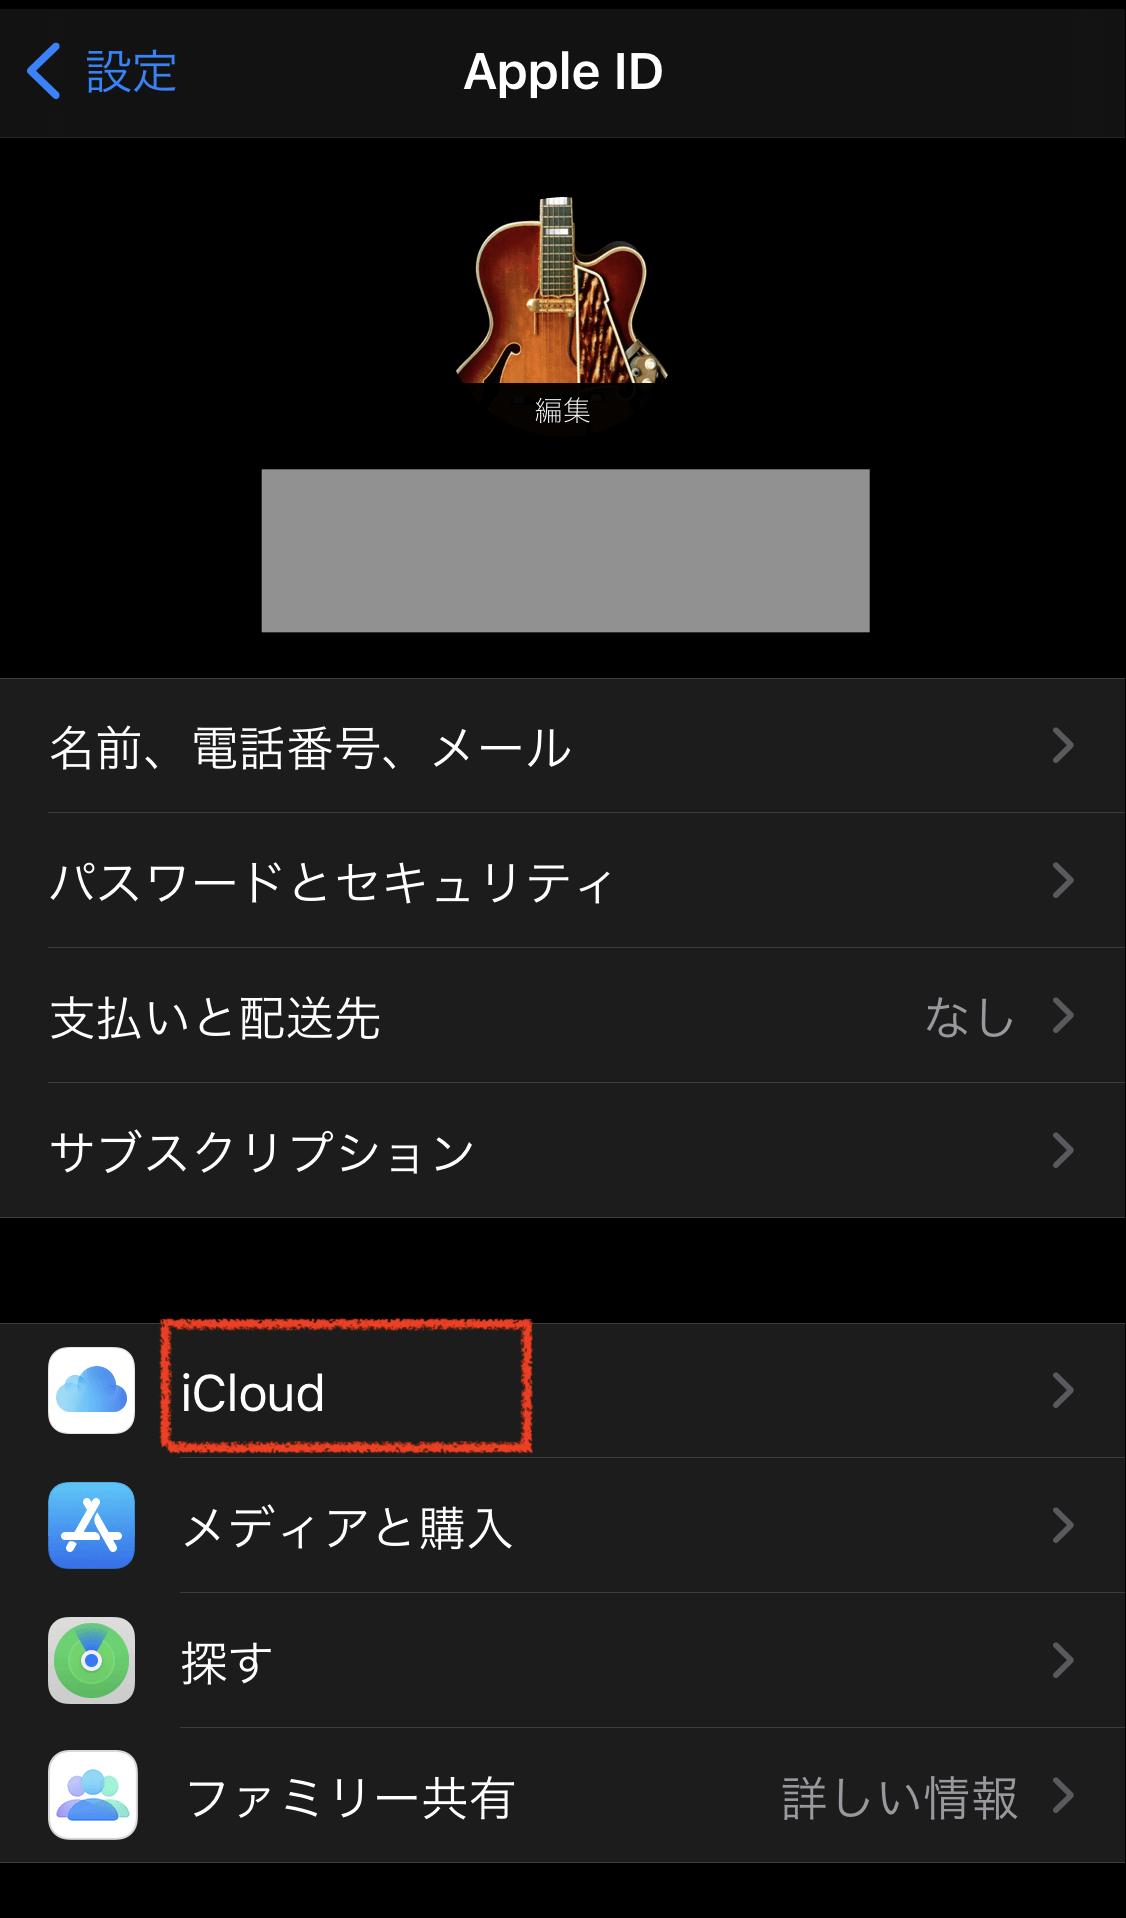 項目から「iCloud」をタップ